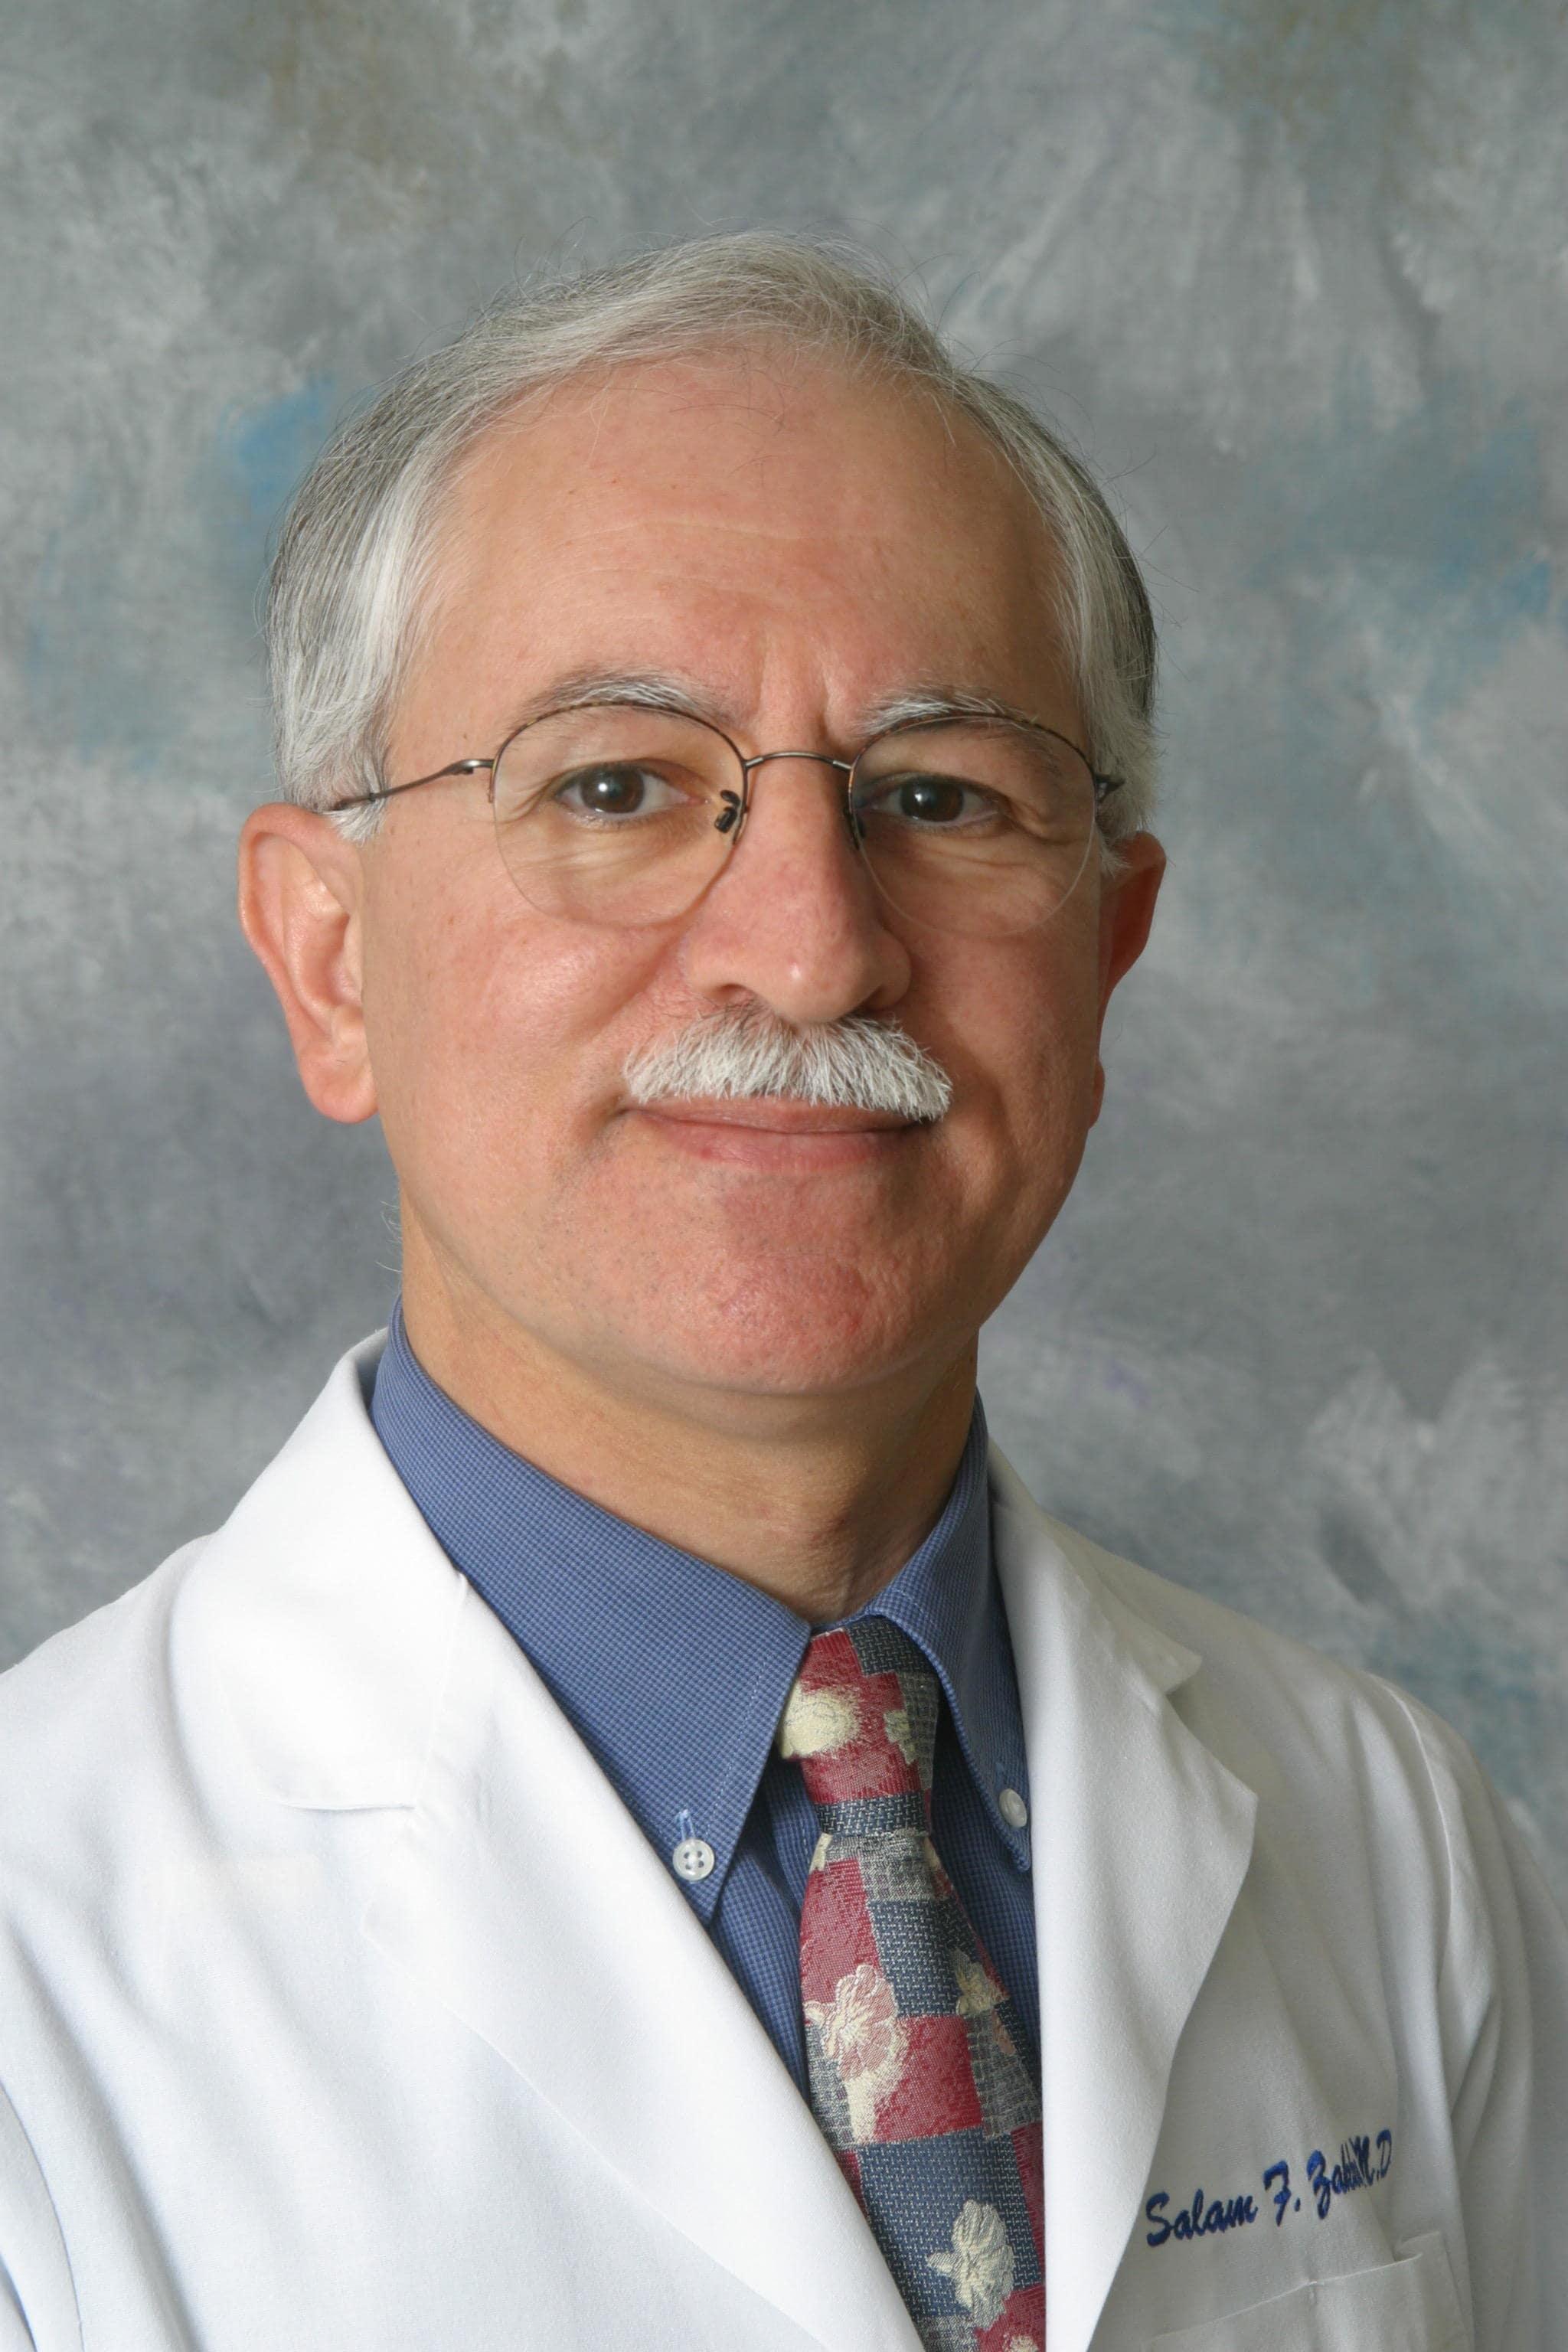 Dr. Salam F Zakko MD